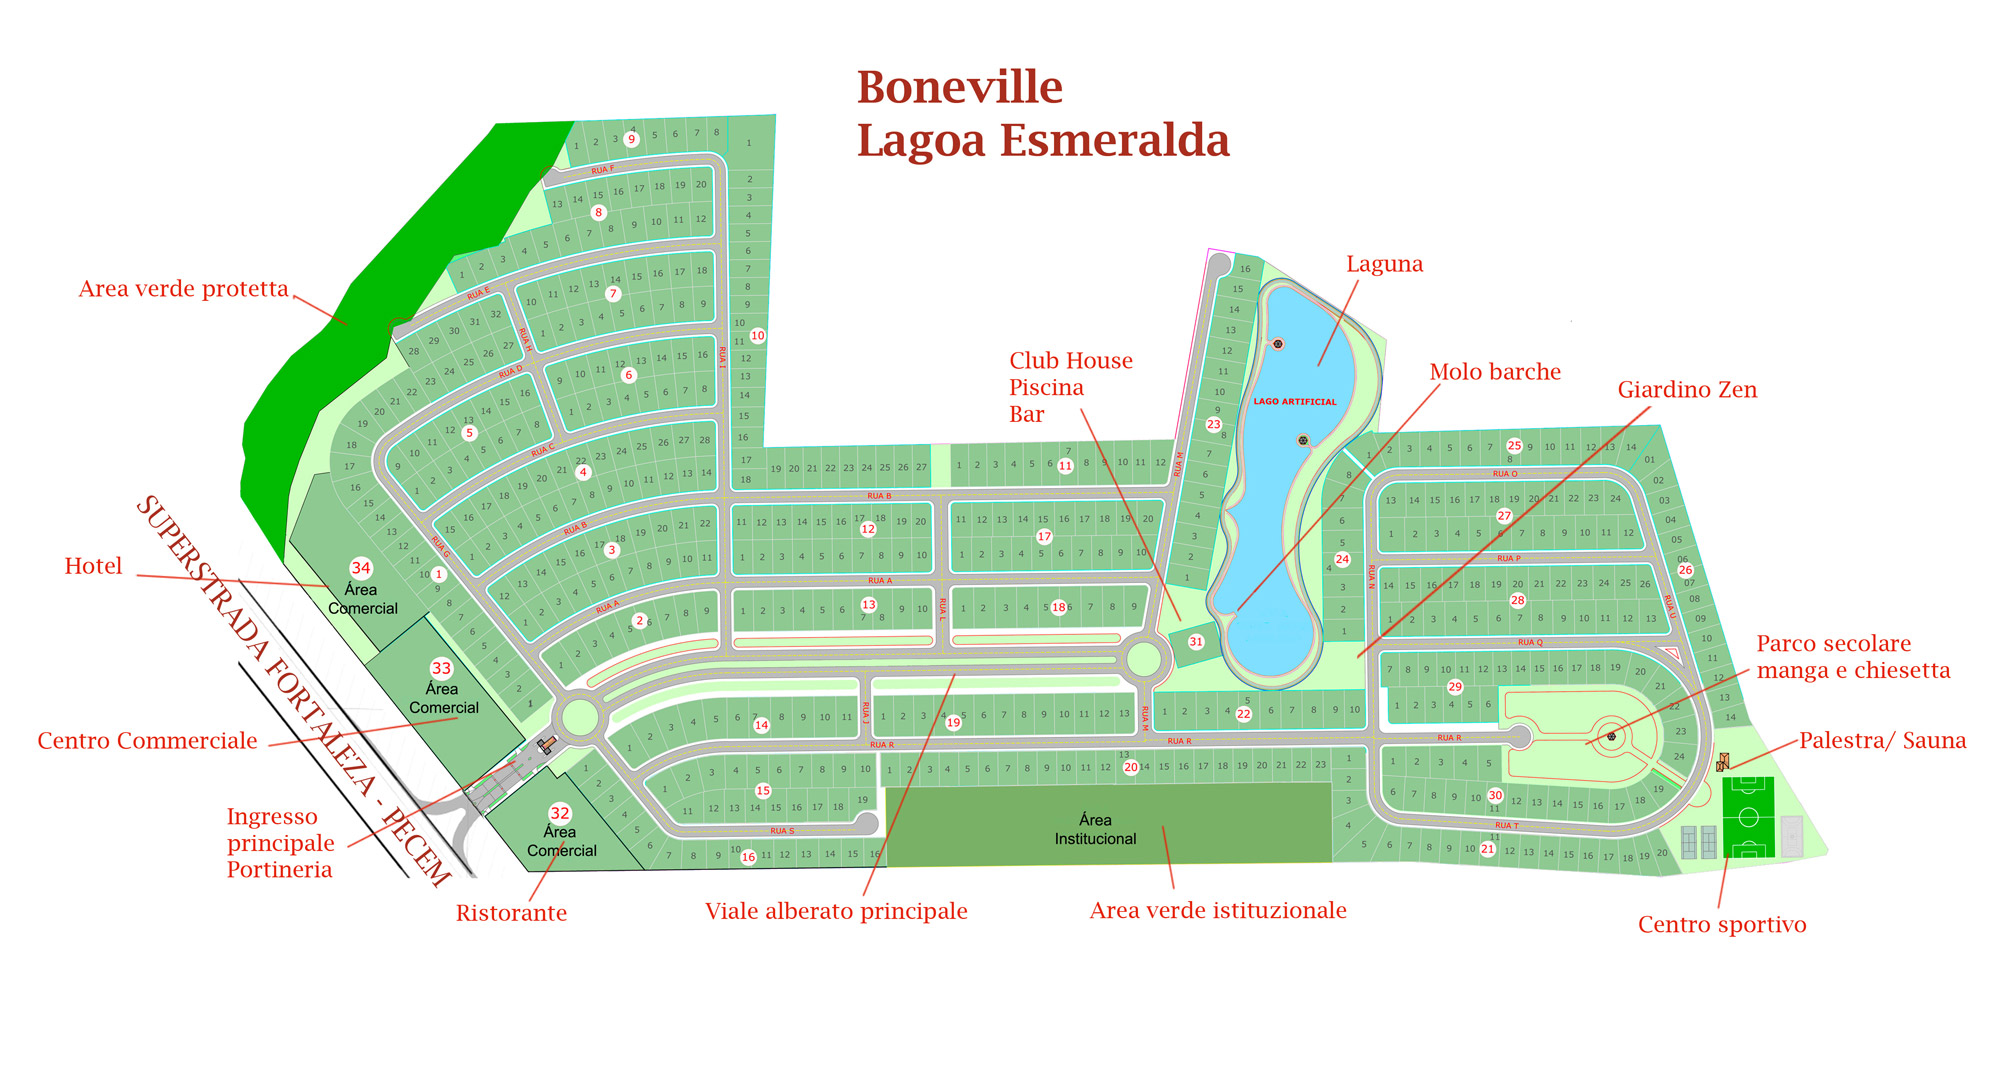 Vente terrain constructible caucaia cear br sil via for Construction piscine zone non constructible